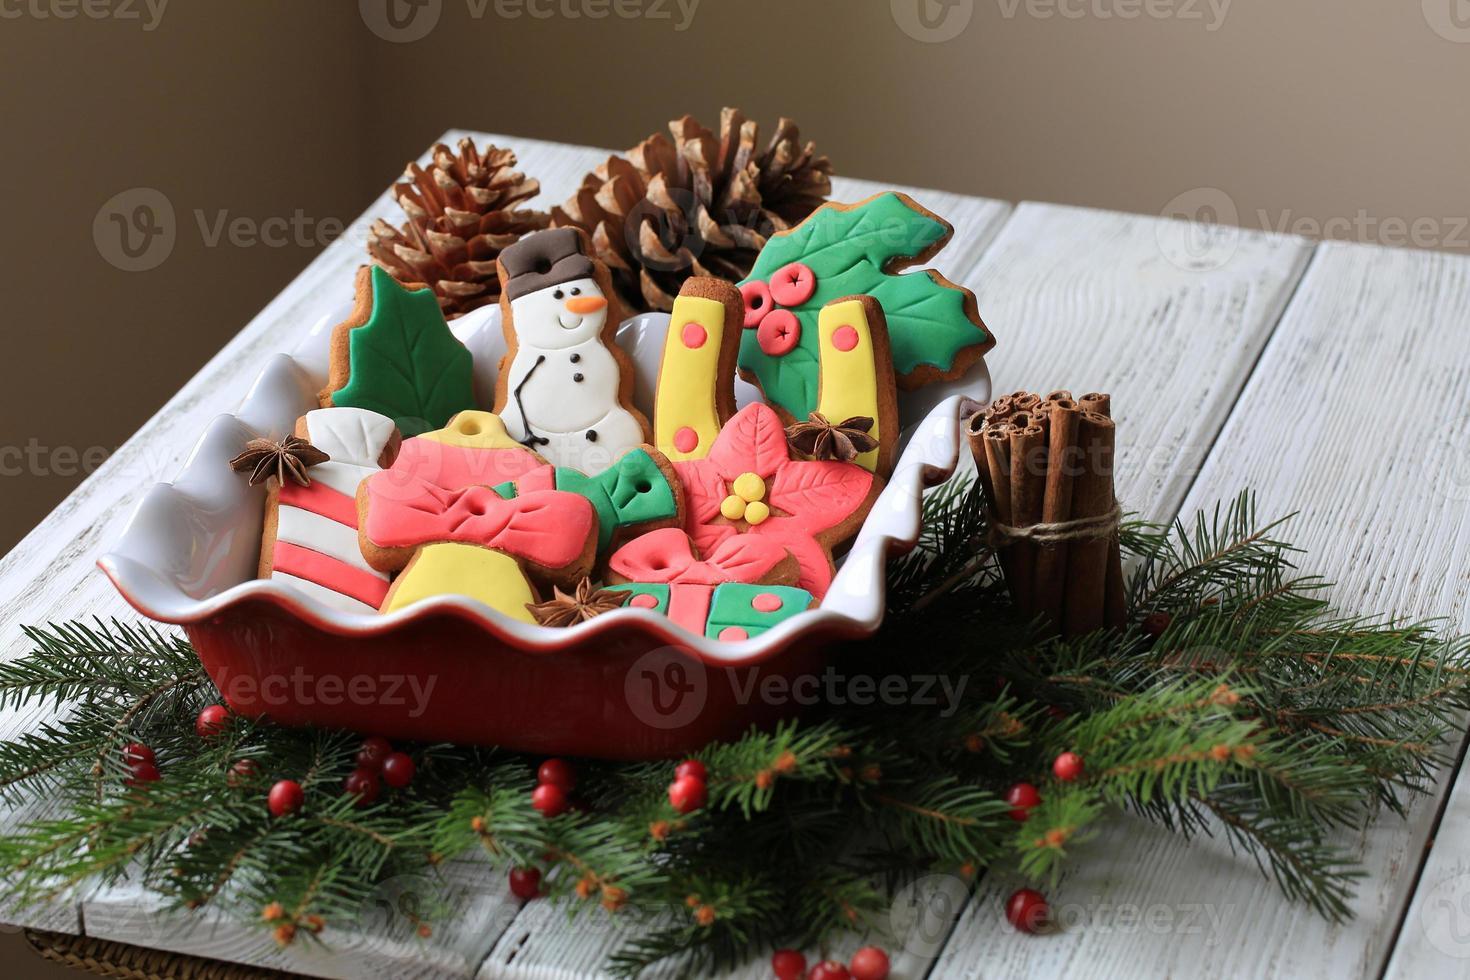 décoration de Noël avec pain d'épice photo